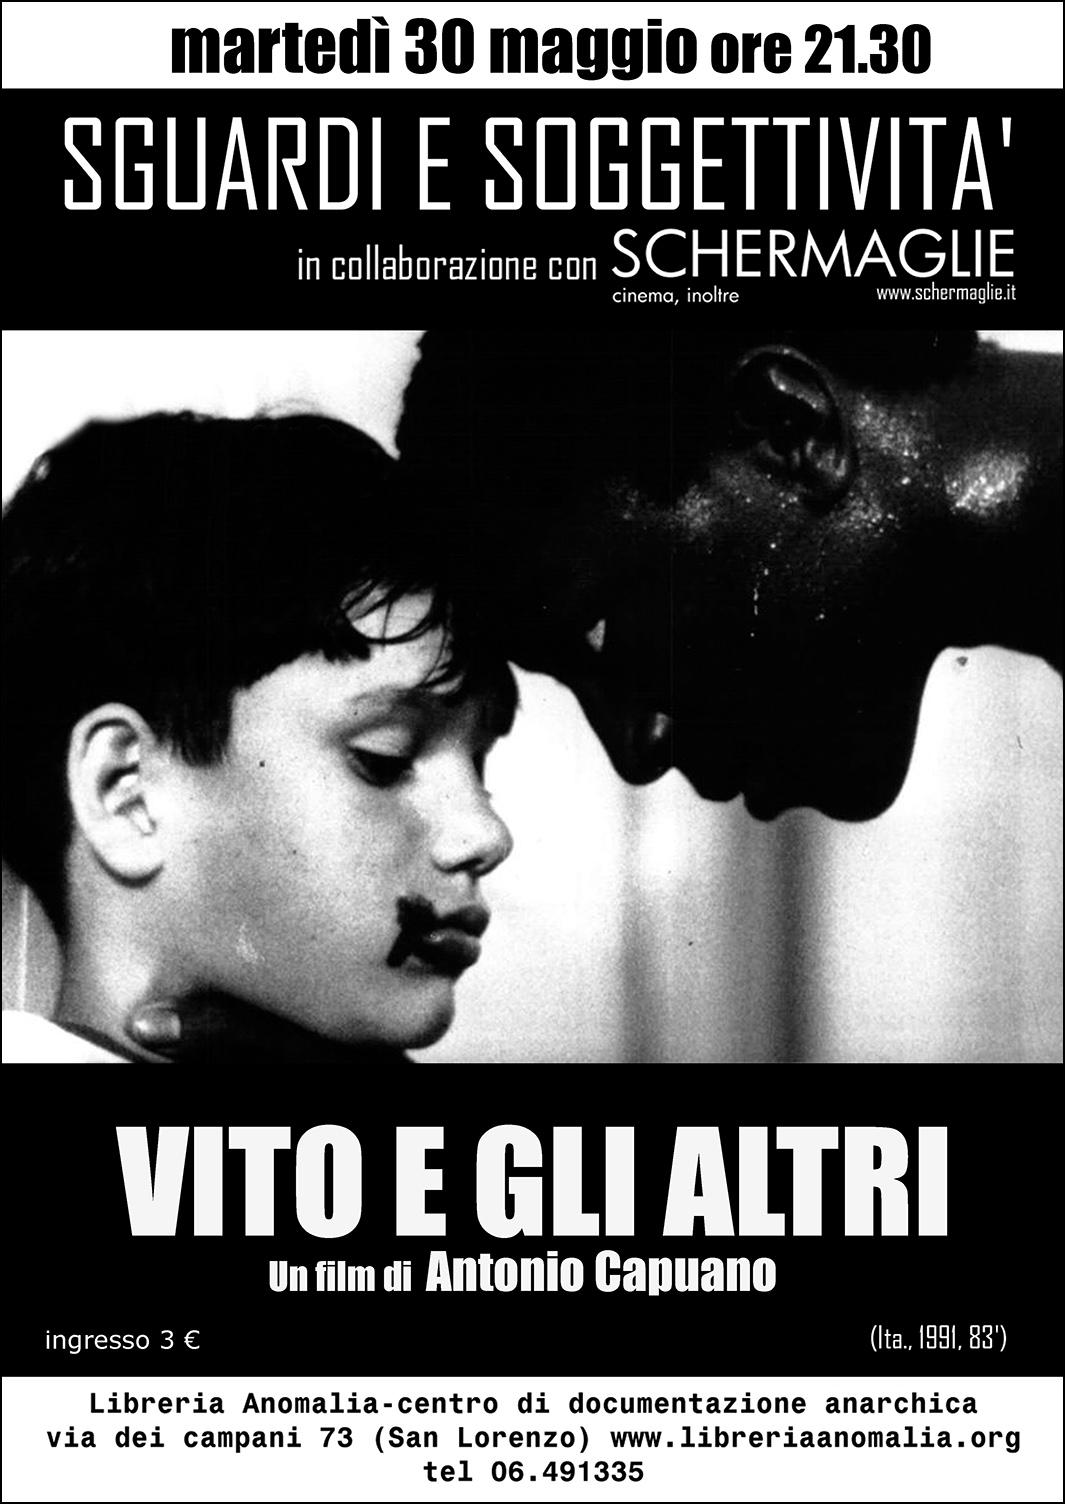 locandina del film Vito e gli altri